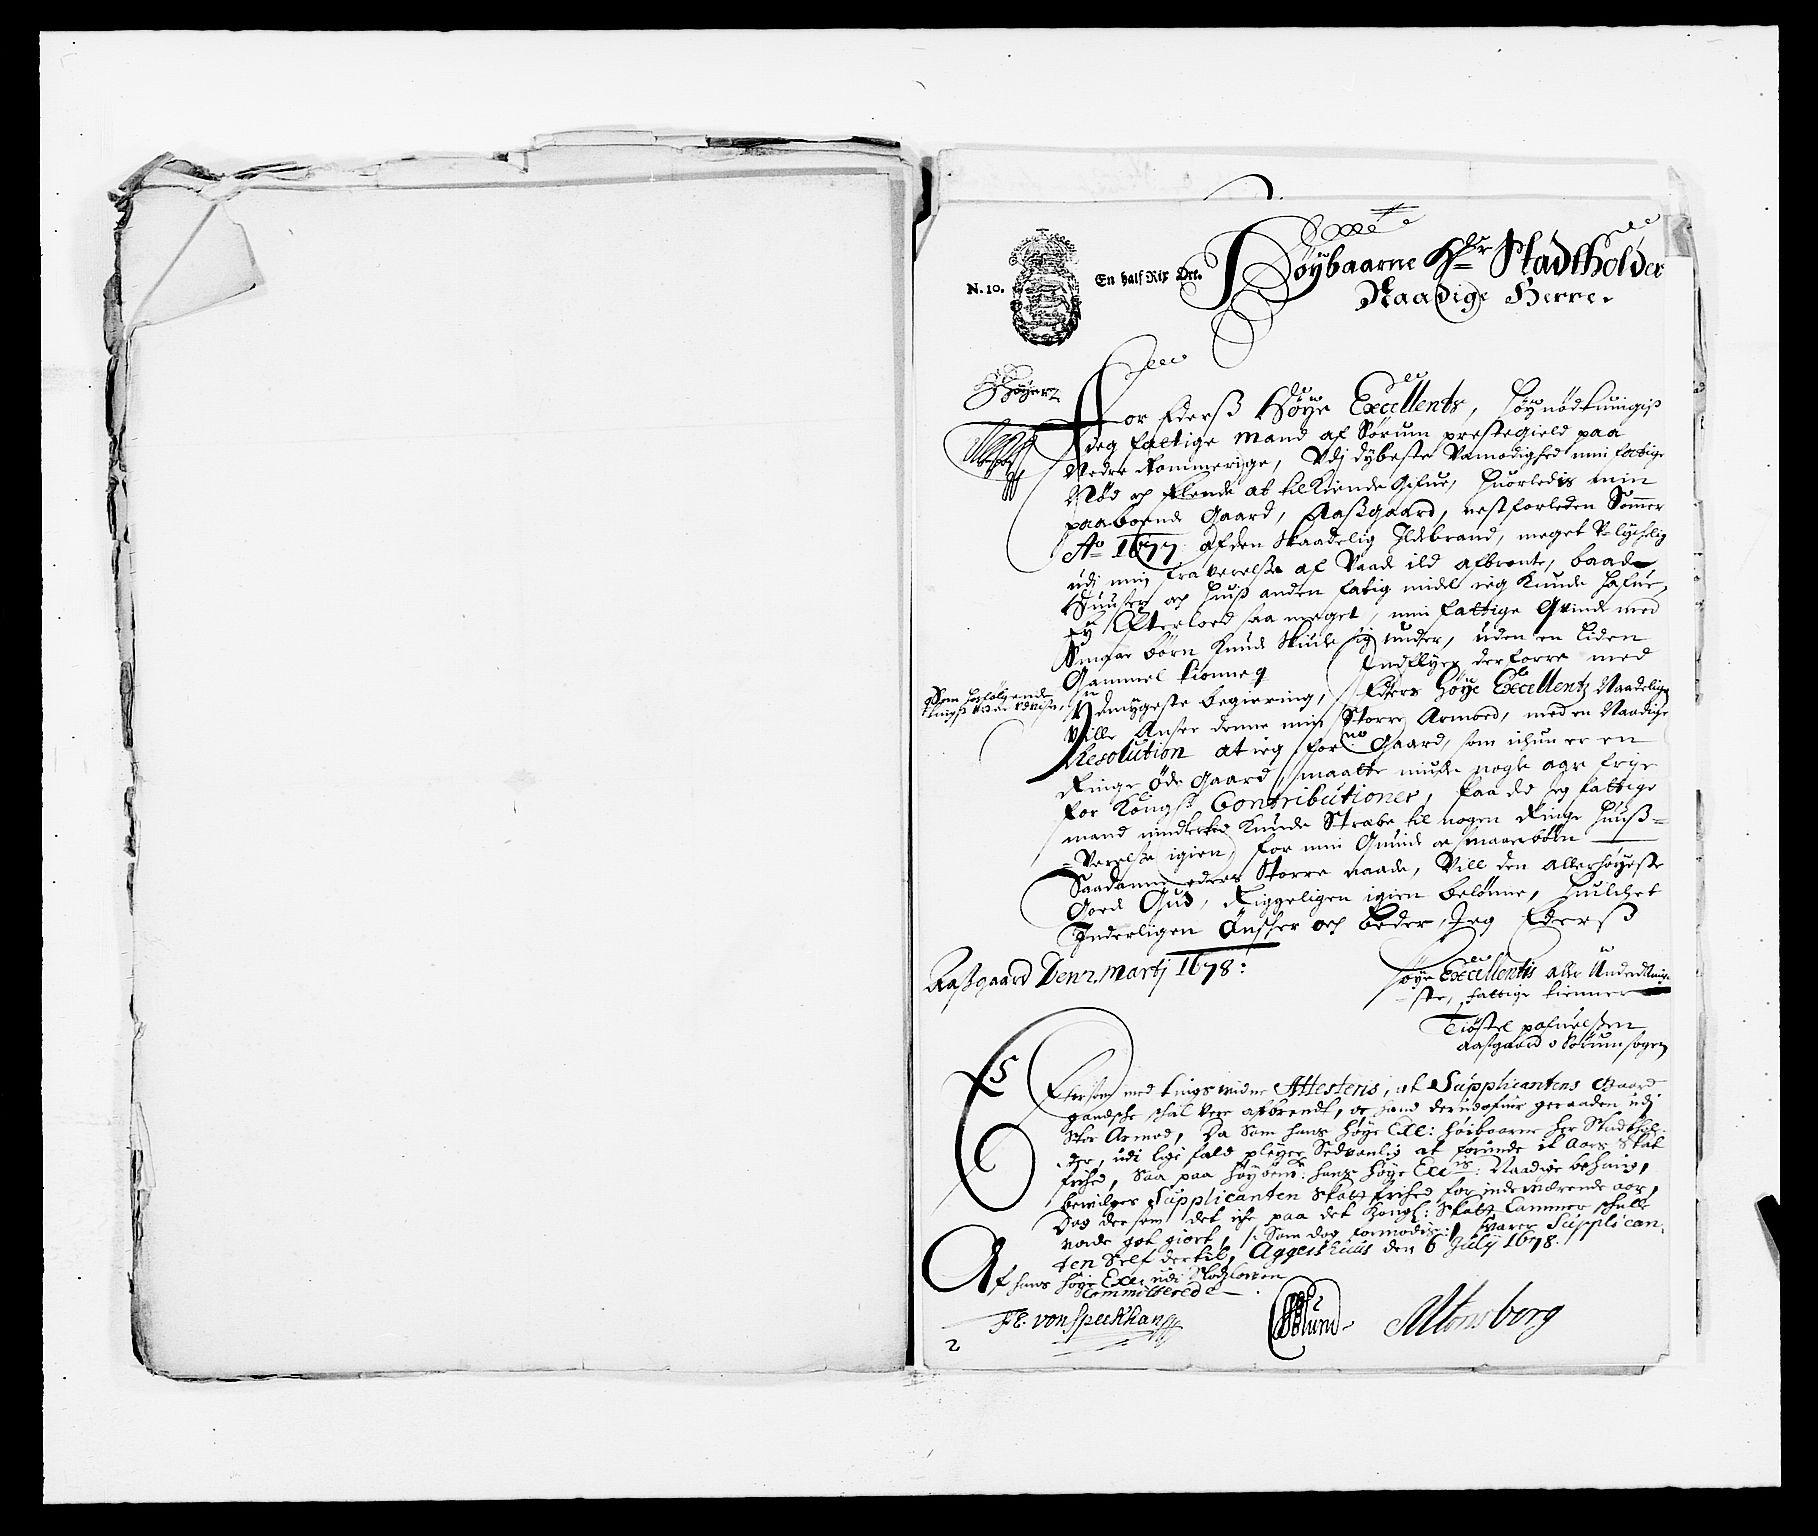 RA, Rentekammeret inntil 1814, Reviderte regnskaper, Fogderegnskap, R11/L0567: Fogderegnskap Nedre Romerike, 1678, s. 292